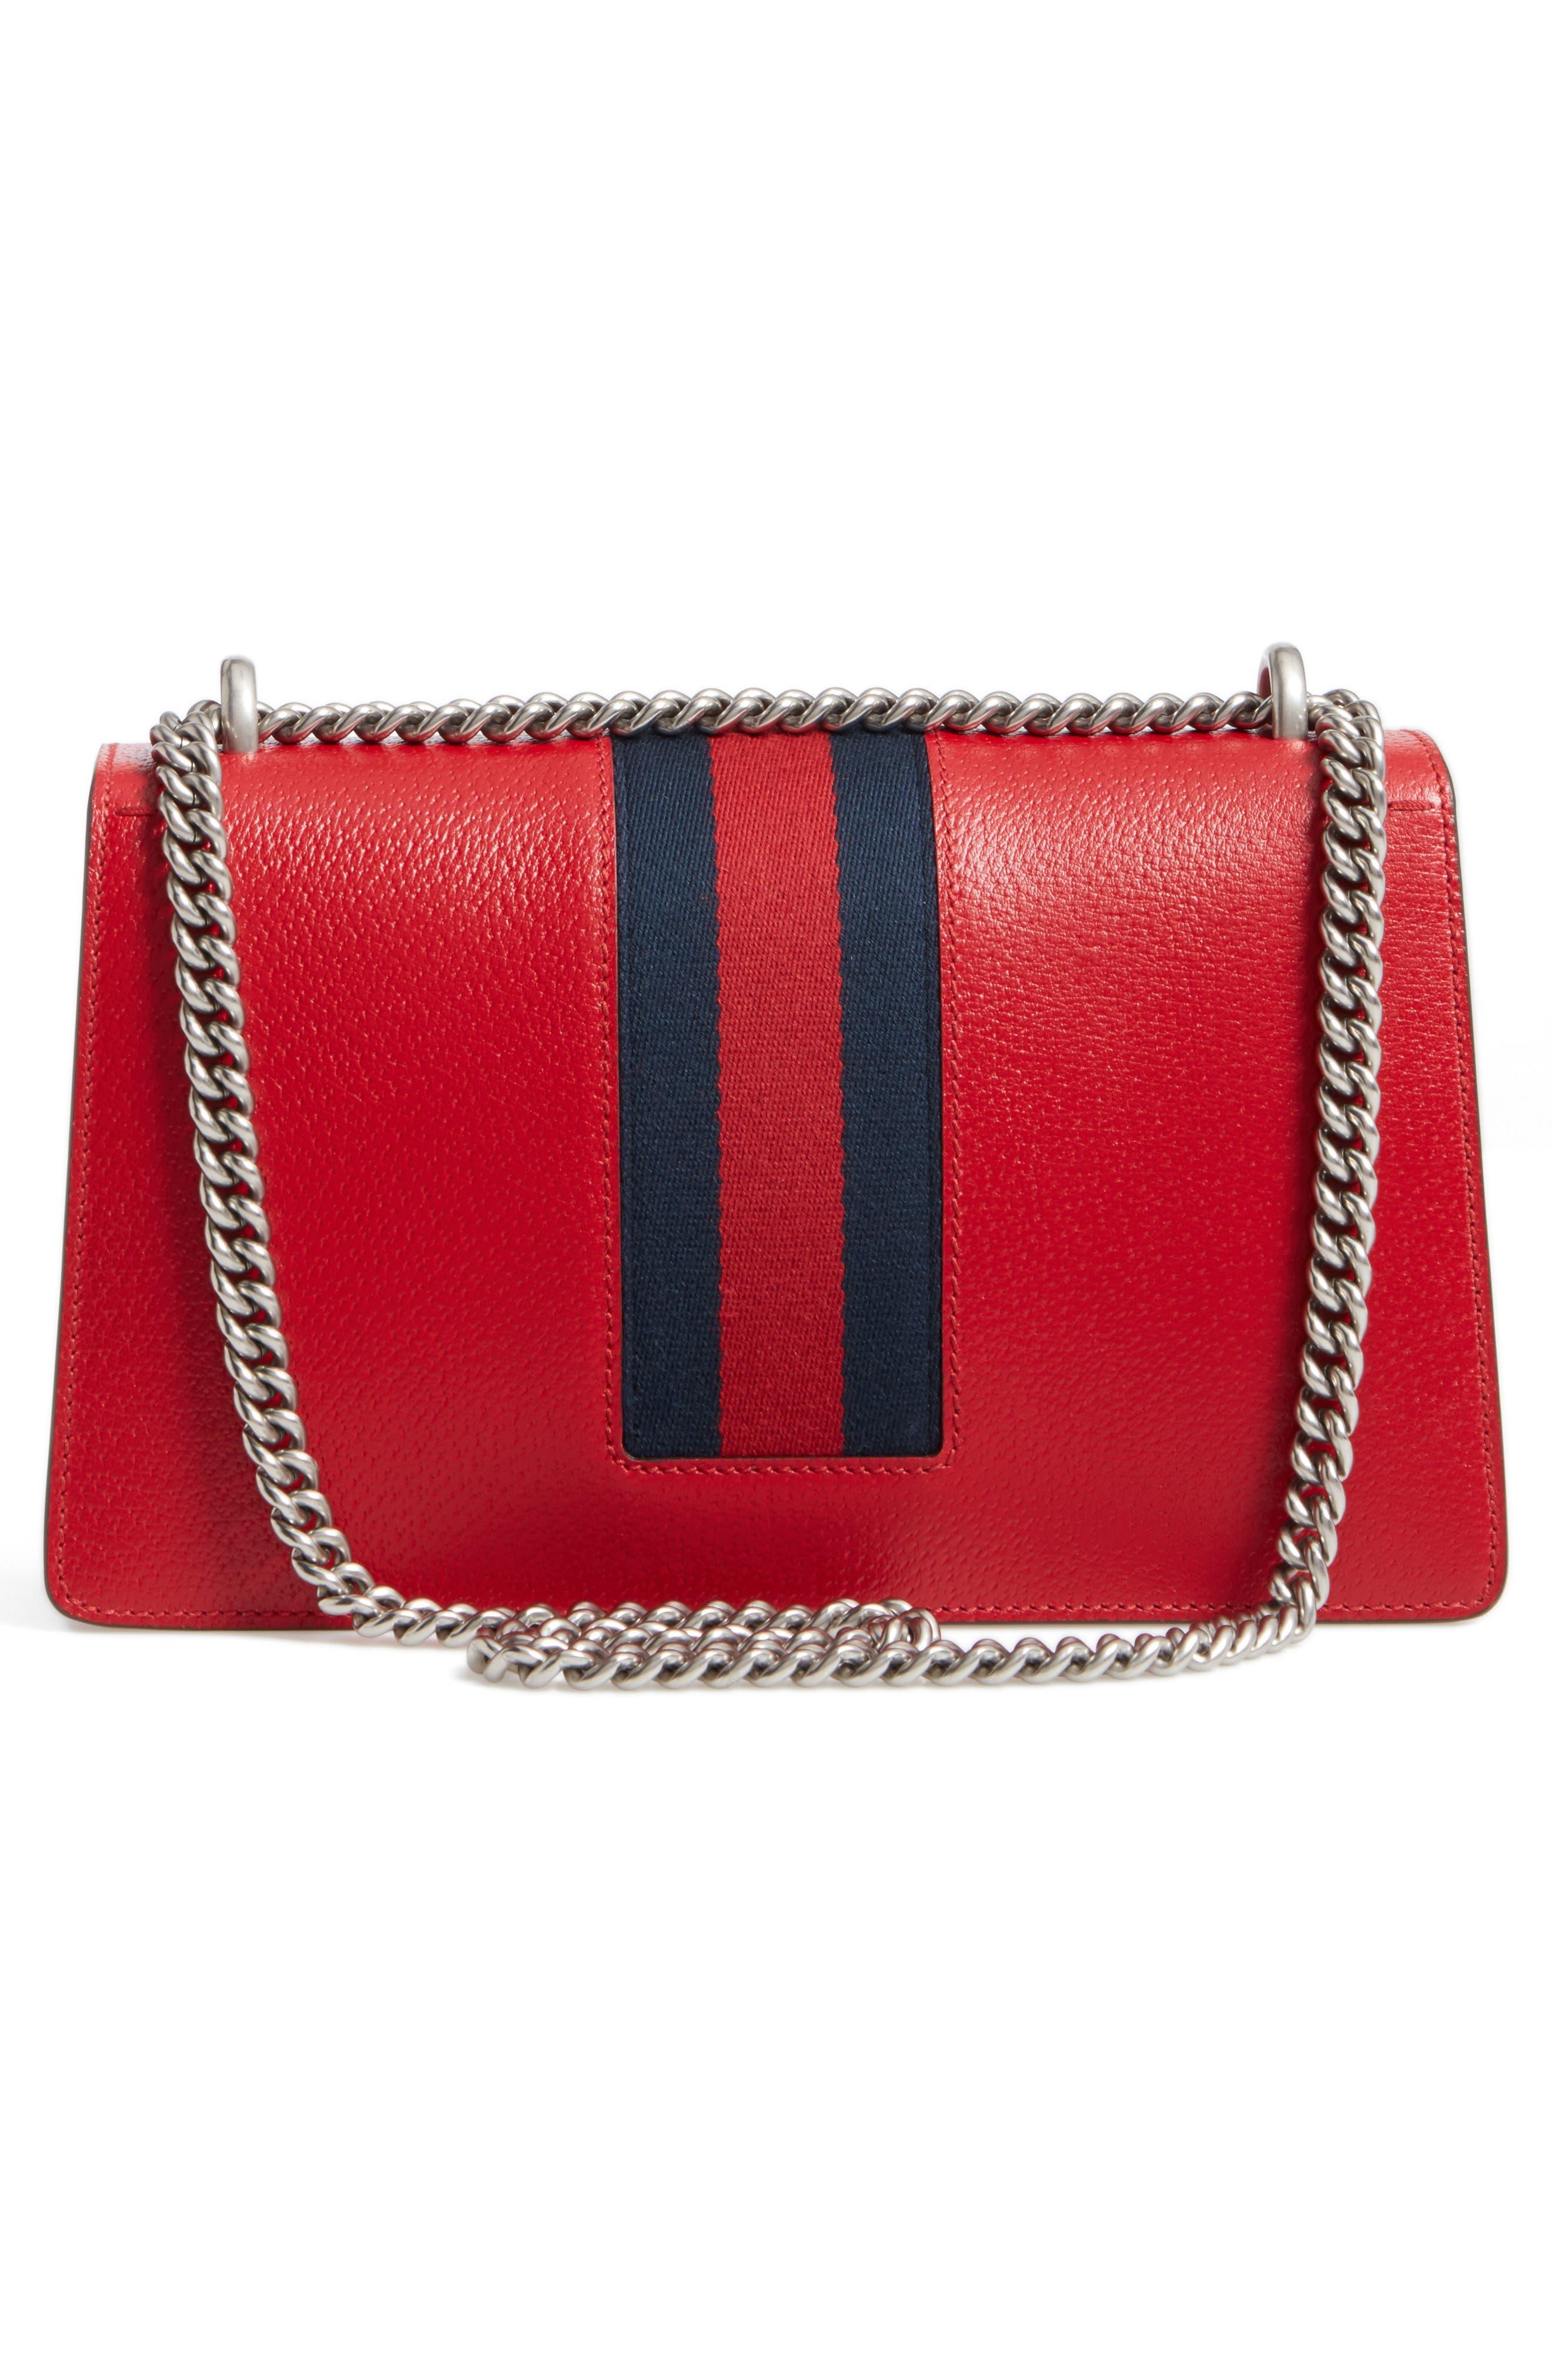 Dionysus Leather Shoulder Bag,                             Alternate thumbnail 3, color,                             625